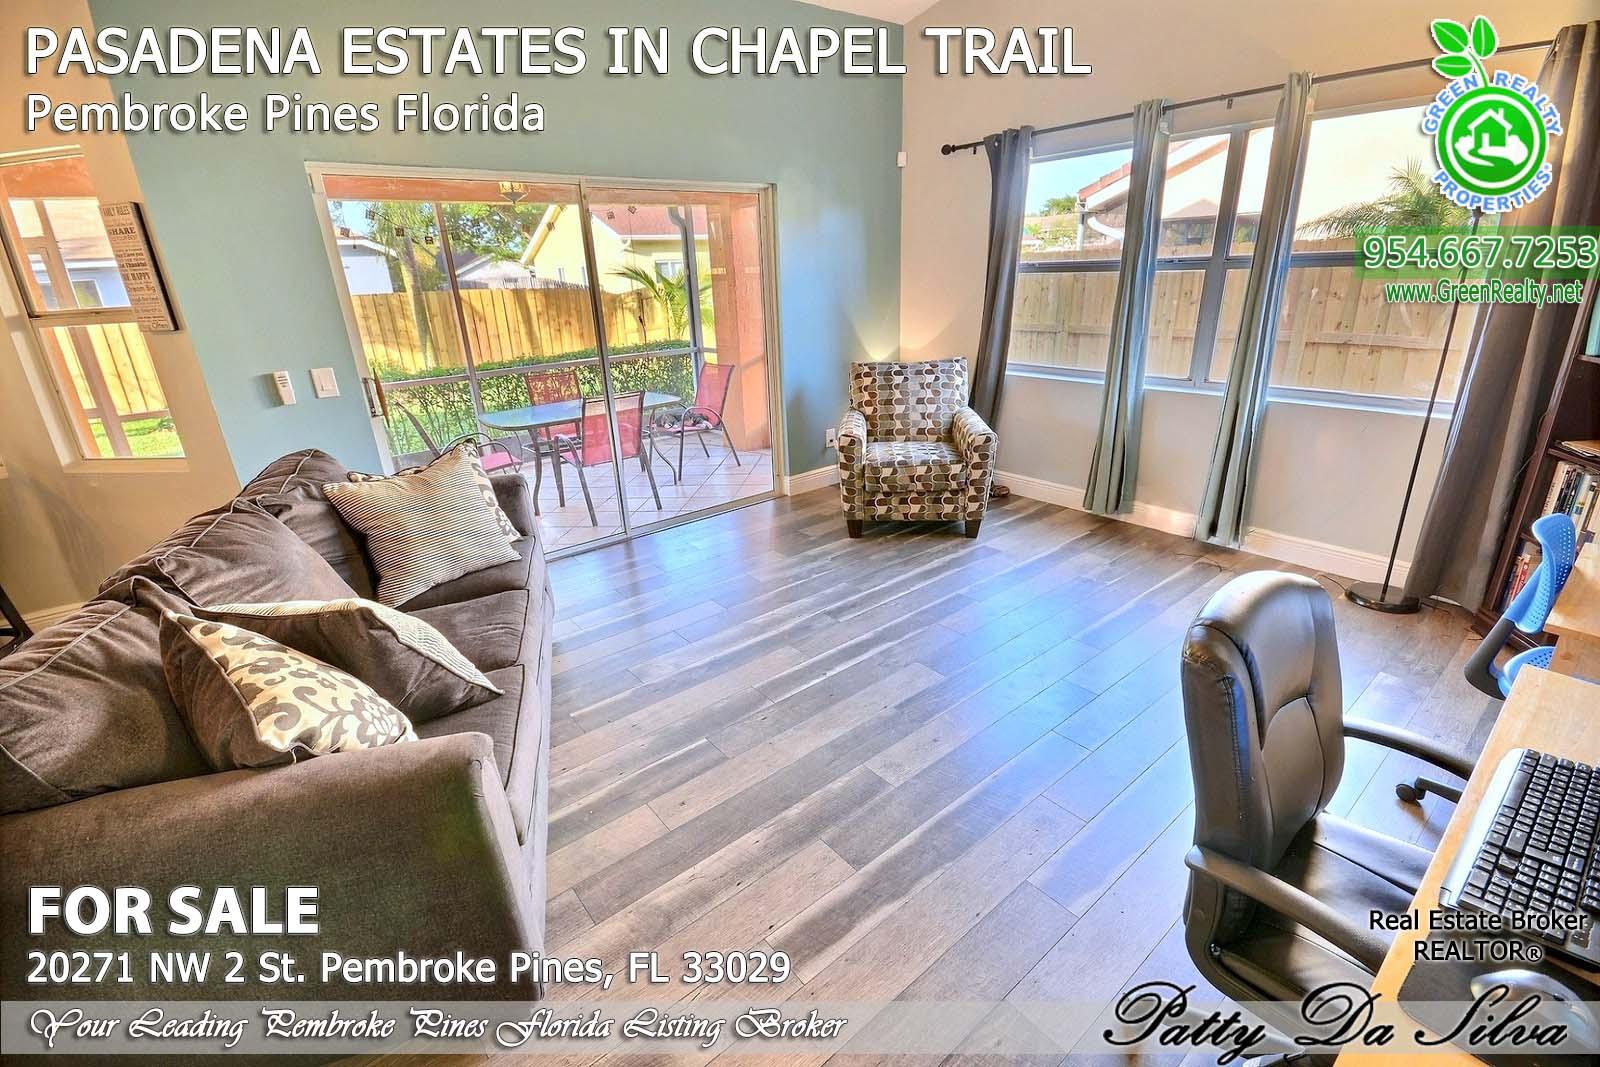 Pasadena Estates of Chapel Trail - Pembroke Pines FL (22)